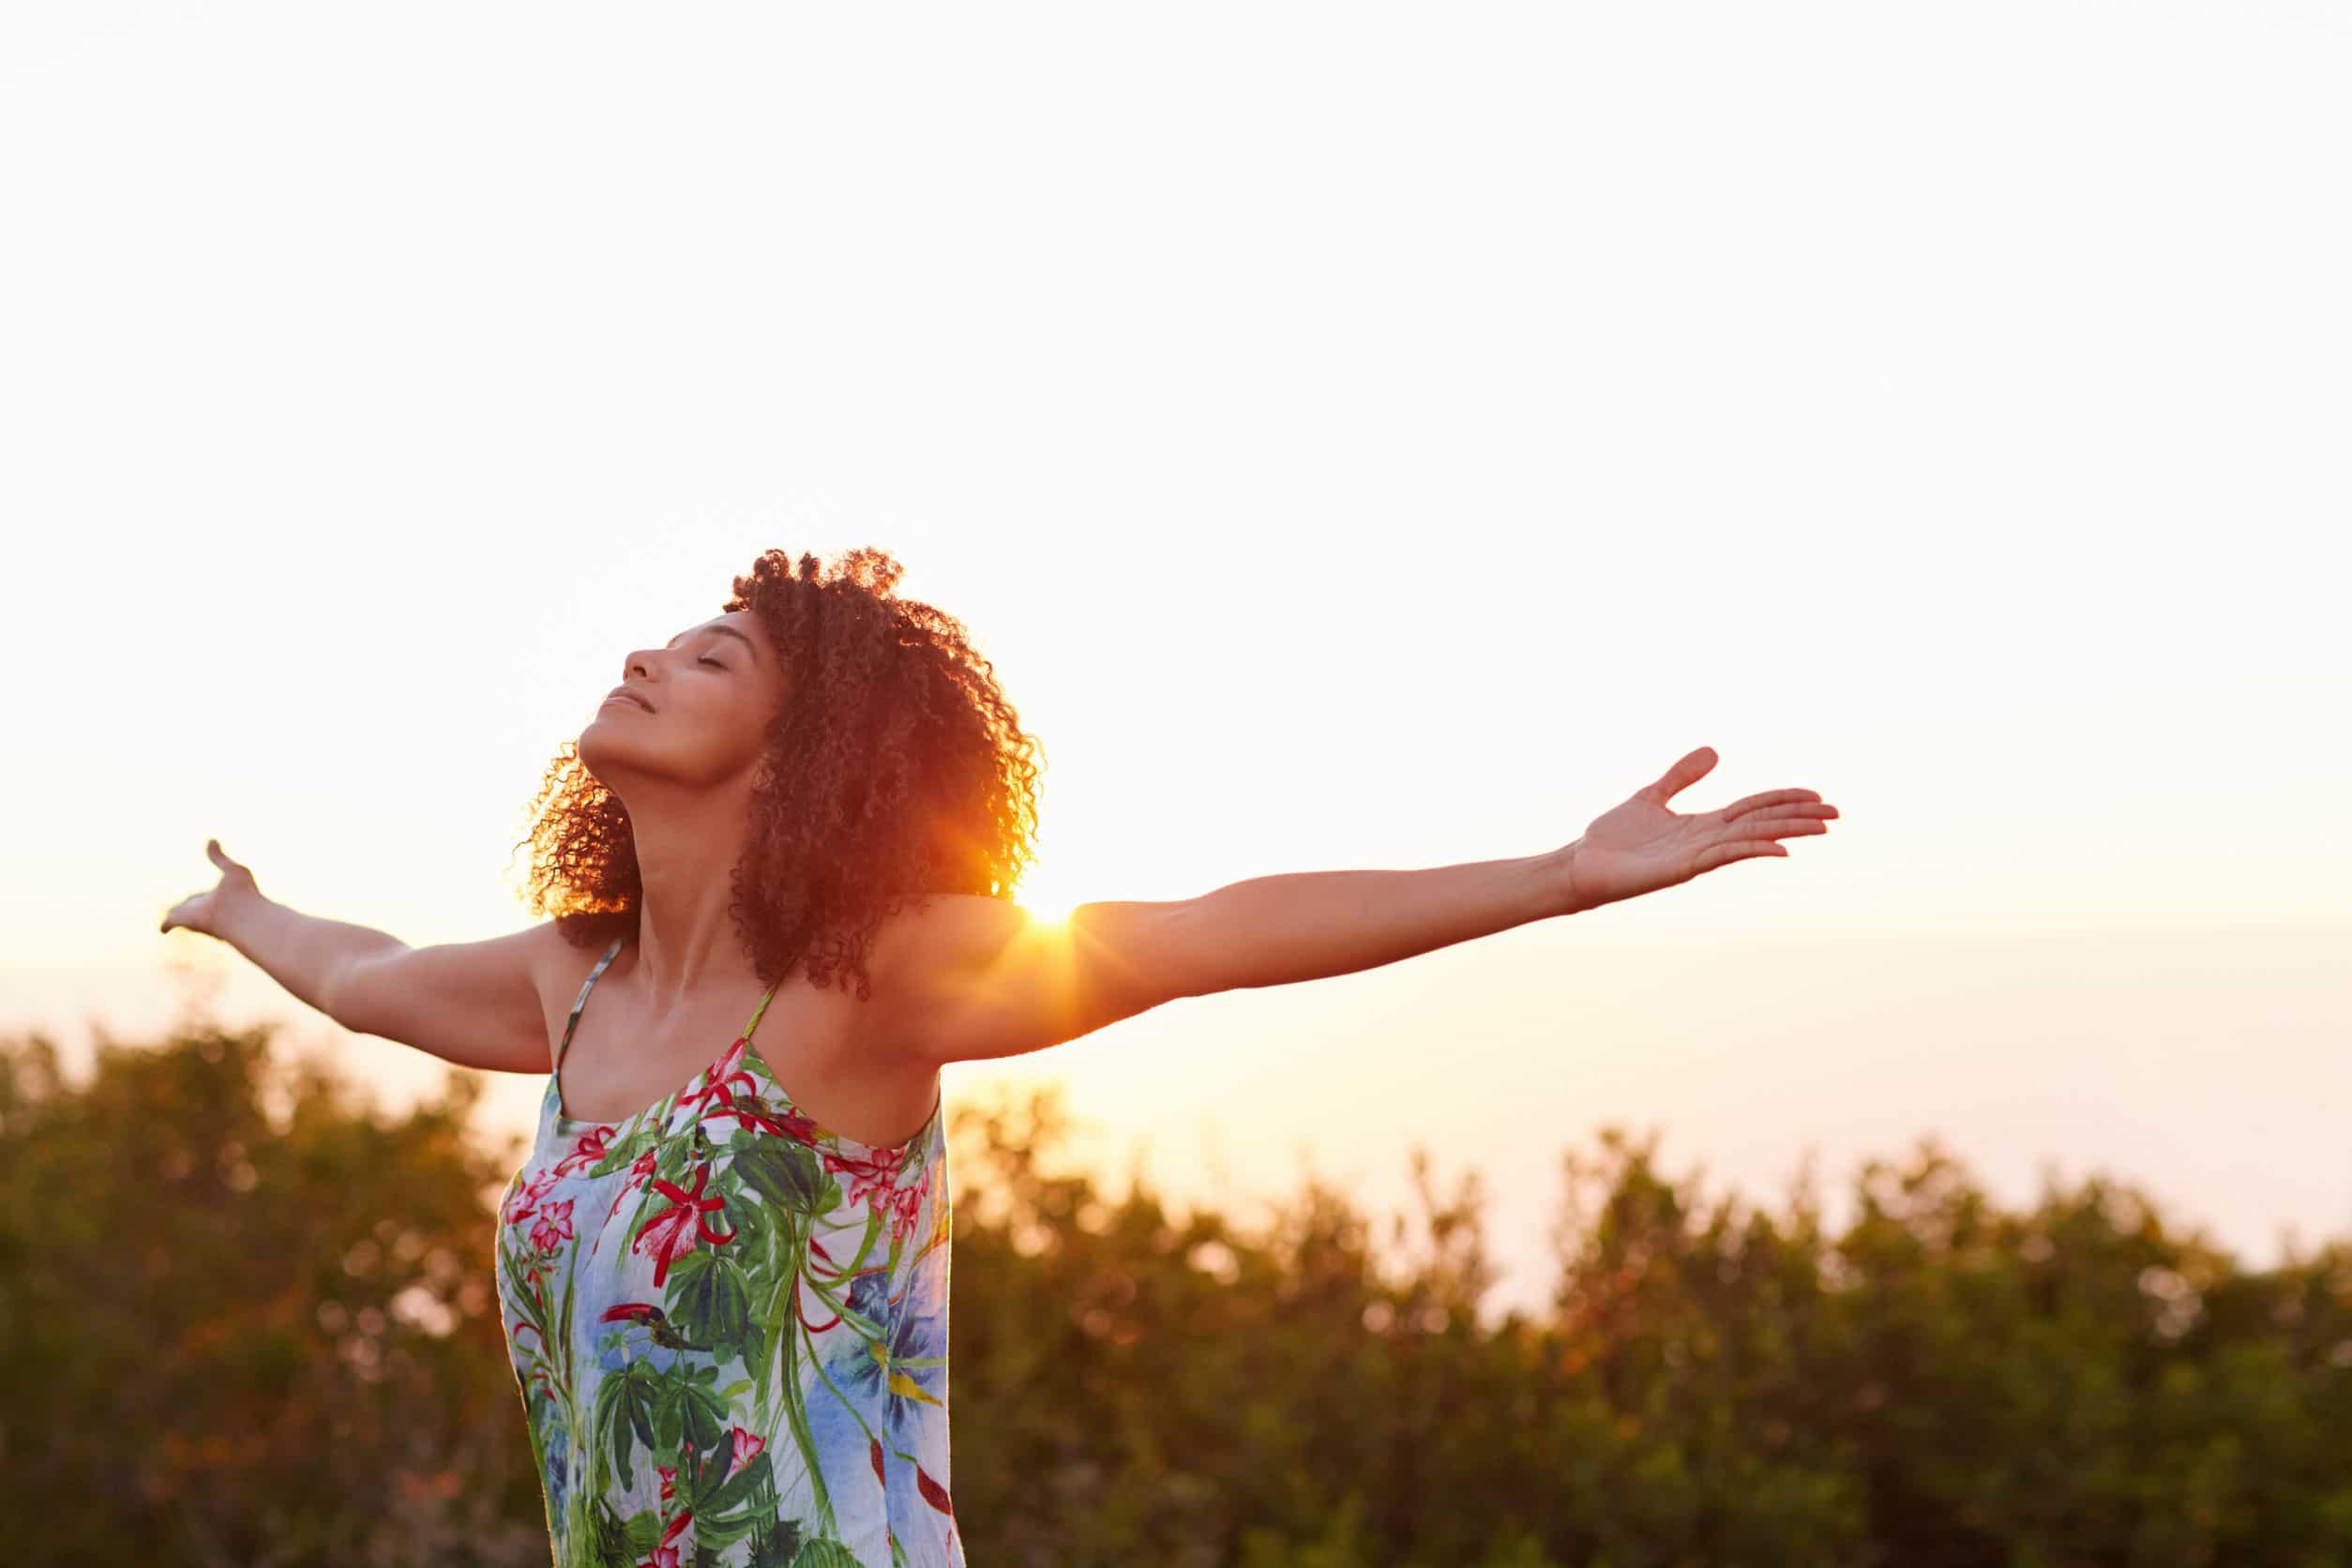 Mulher com cabelo afro com os braços abertos em sinal de gratidão. Fundo de céu ensolarado e grama.